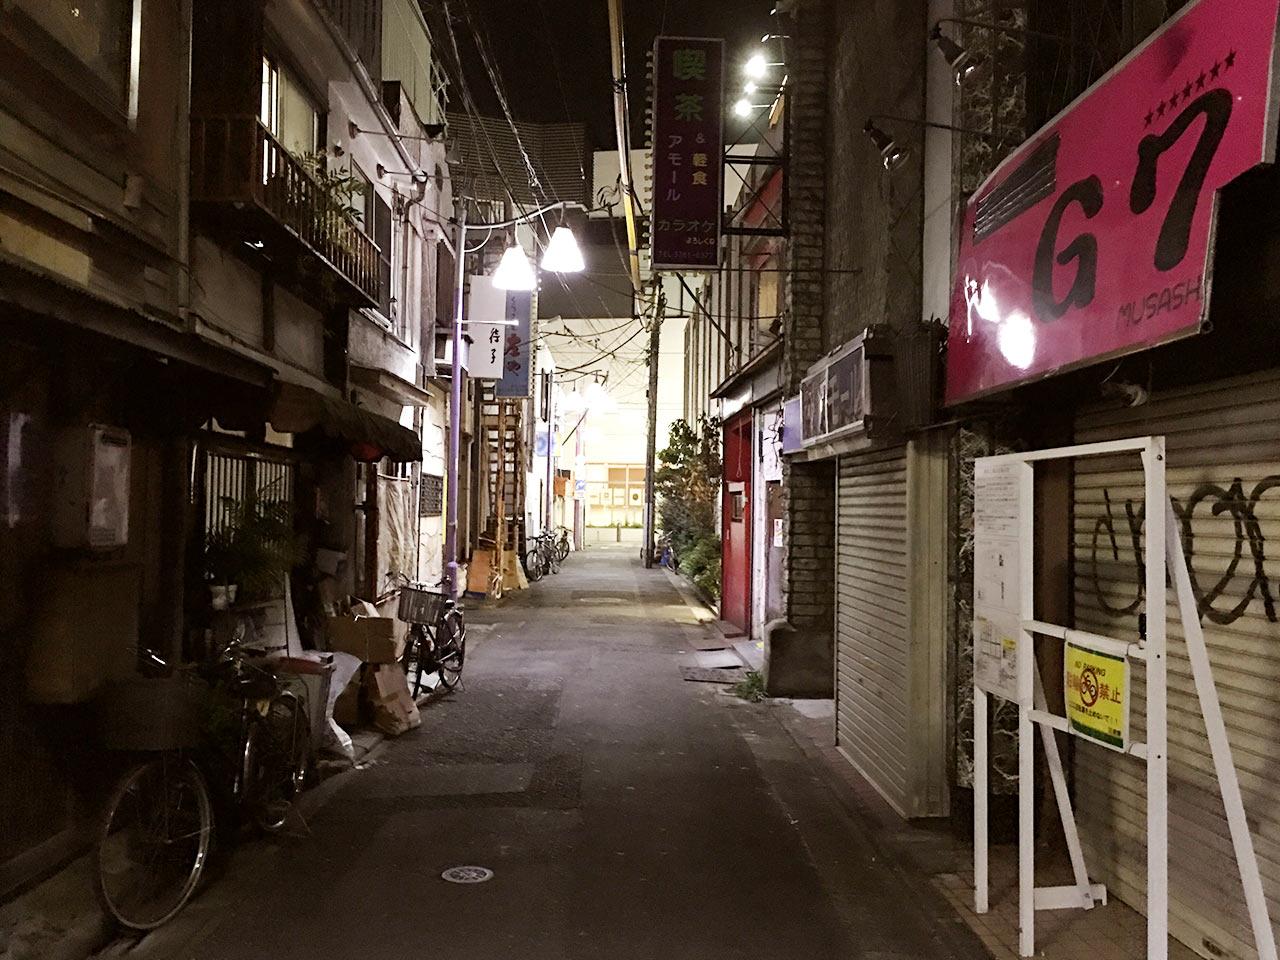 musashikoyama-ekimae-saikaihatsu-street02